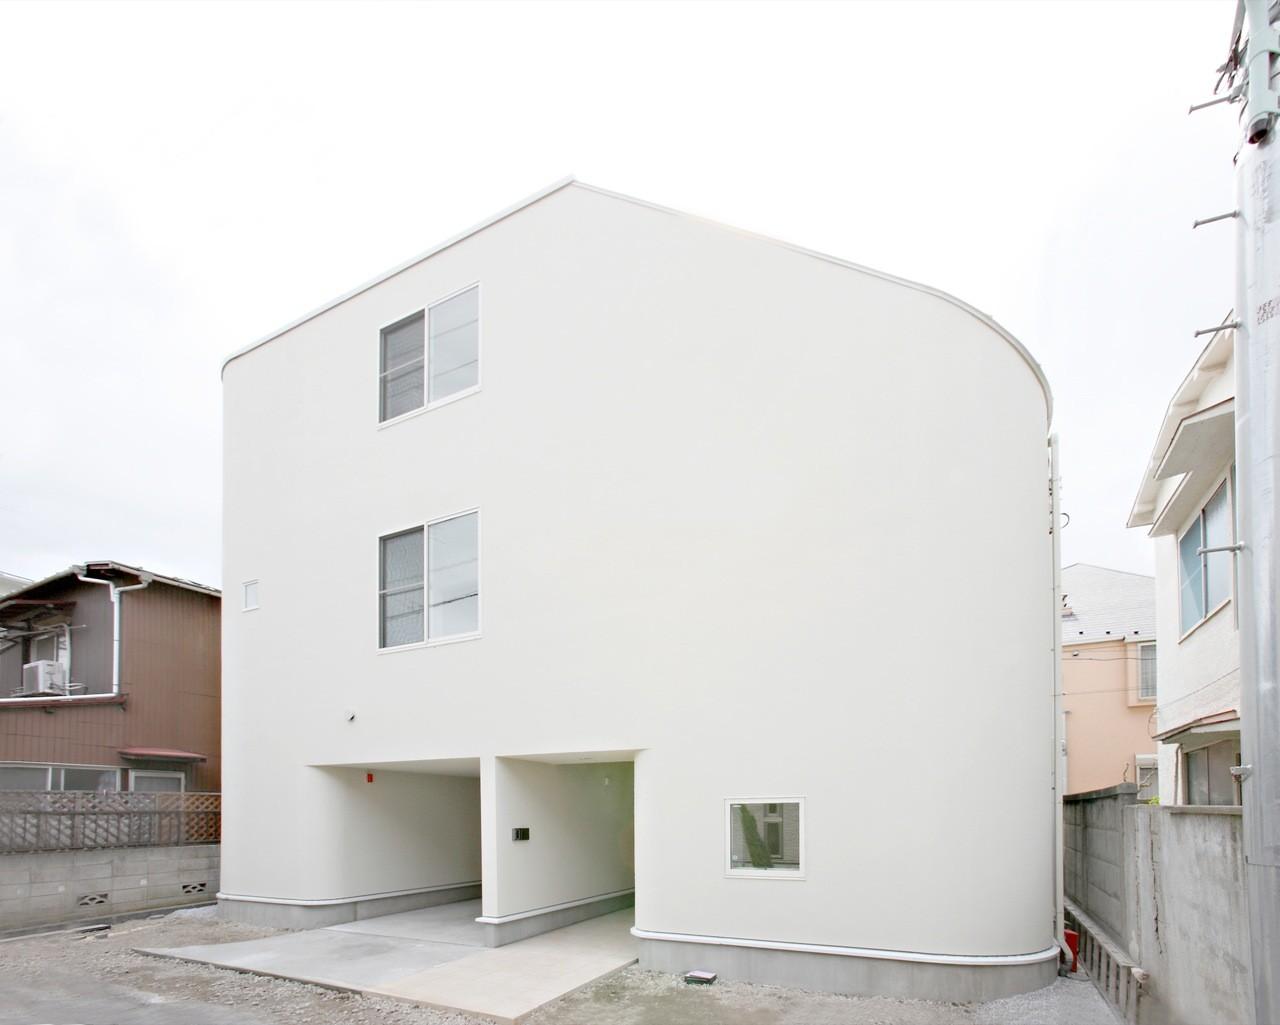 Slide House / LEVEL Architects, Courtesy of LEVEL Architects